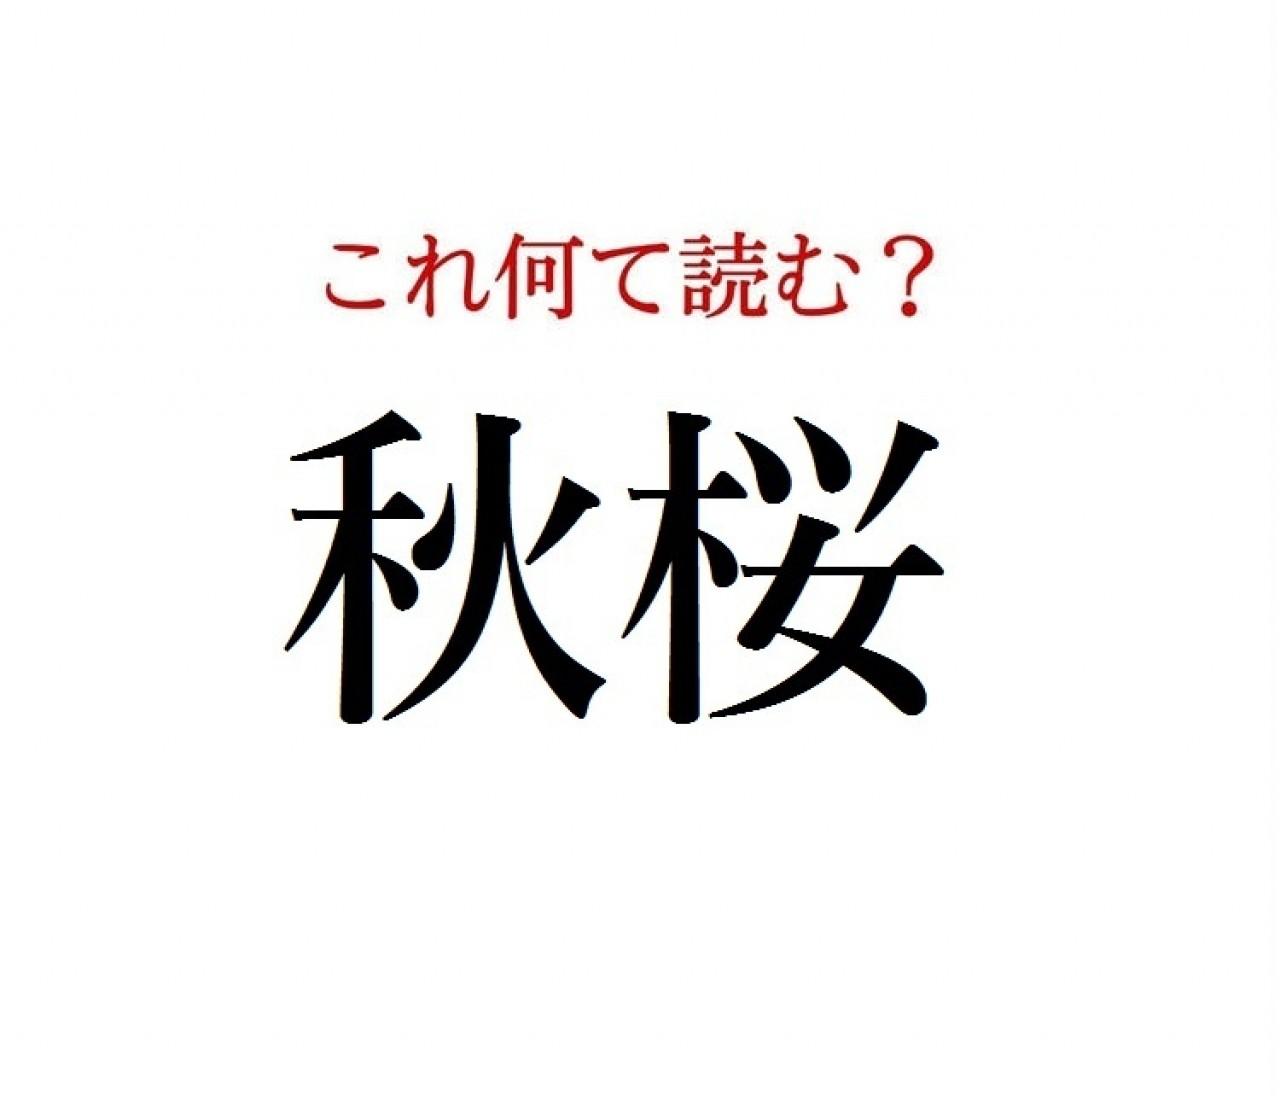 「秋桜」:この漢字、自信を持って読めますか?【働く大人の漢字クイズvol.302】